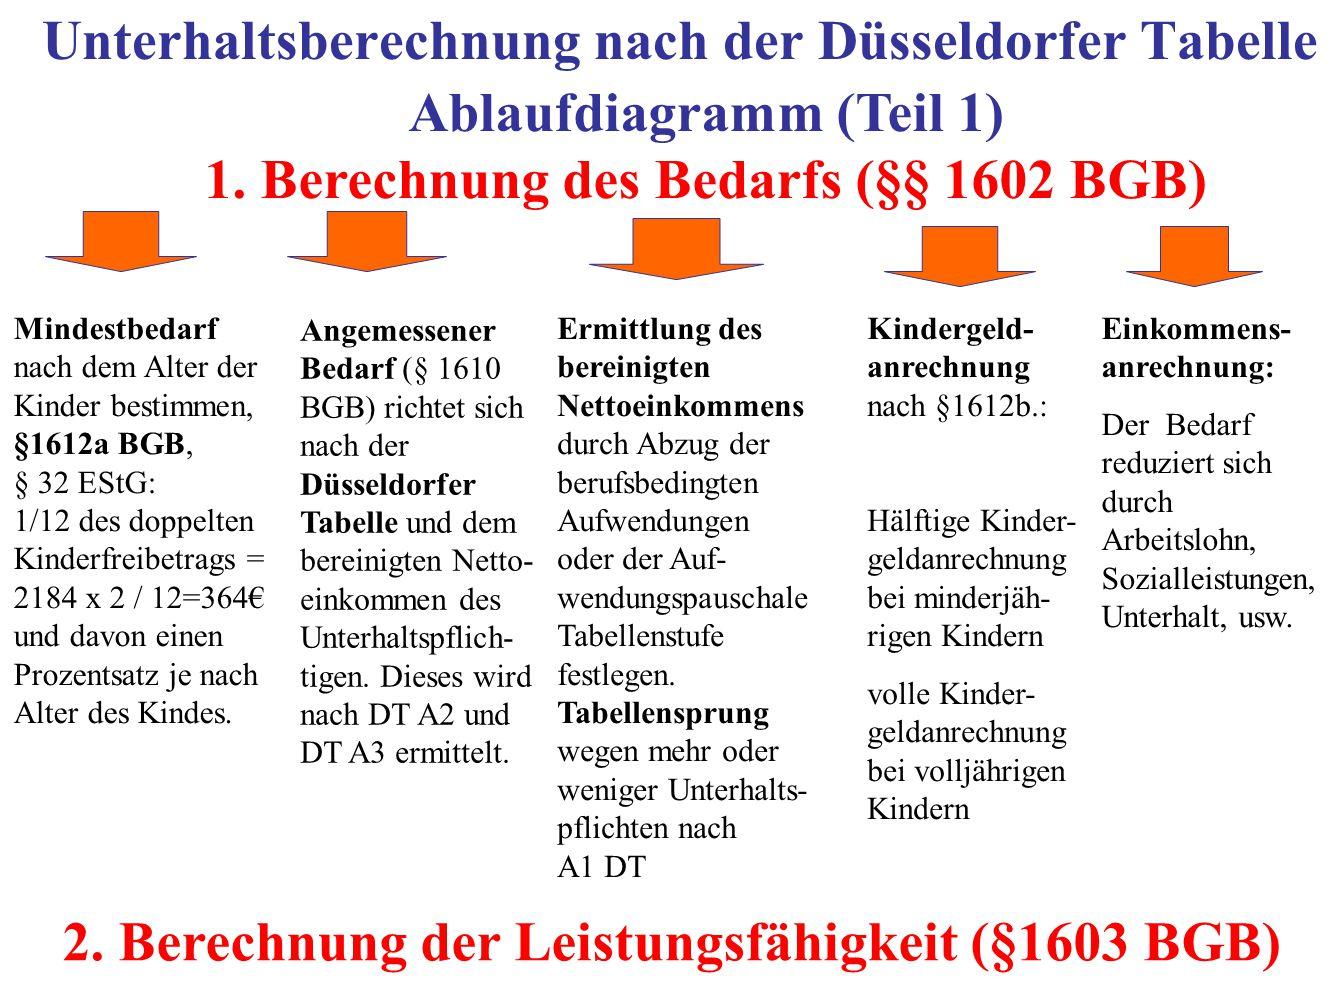 Unterhaltsberechnung nach der Düsseldorfer Tabelle Mindestbedarf nach dem Alter der Kinder bestimmen, §1612a BGB, § 32 EStG: 1/12 des doppelten Kinderfreibetrags = 2184 x 2 / 12=364€ und davon einen Prozentsatz je nach Alter des Kindes.